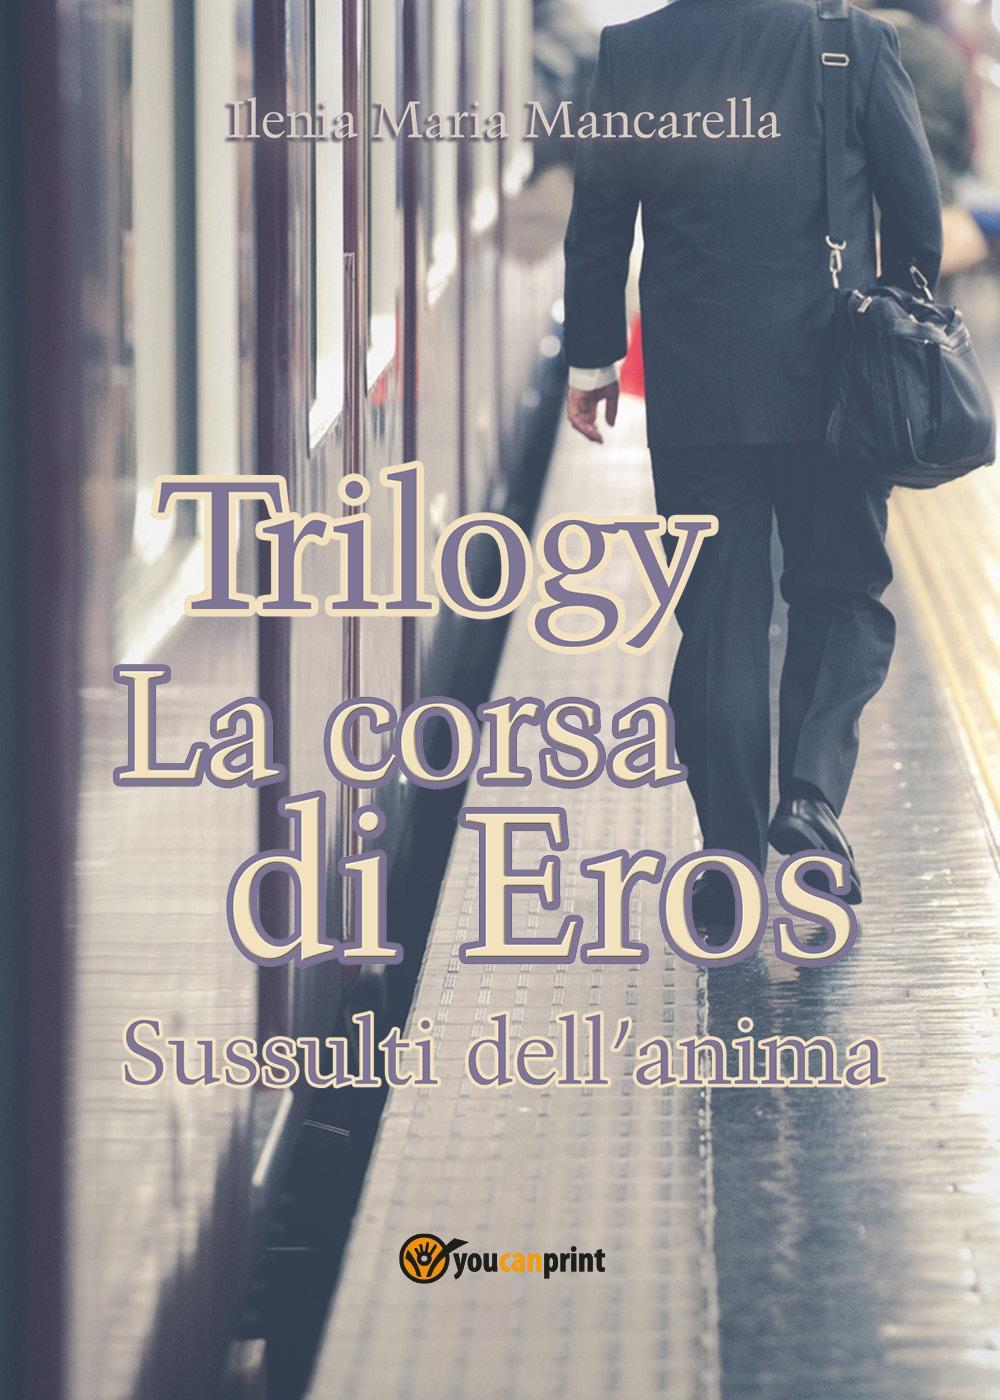 Trilogy - La corsa di Eros. Sussulti dell'anima